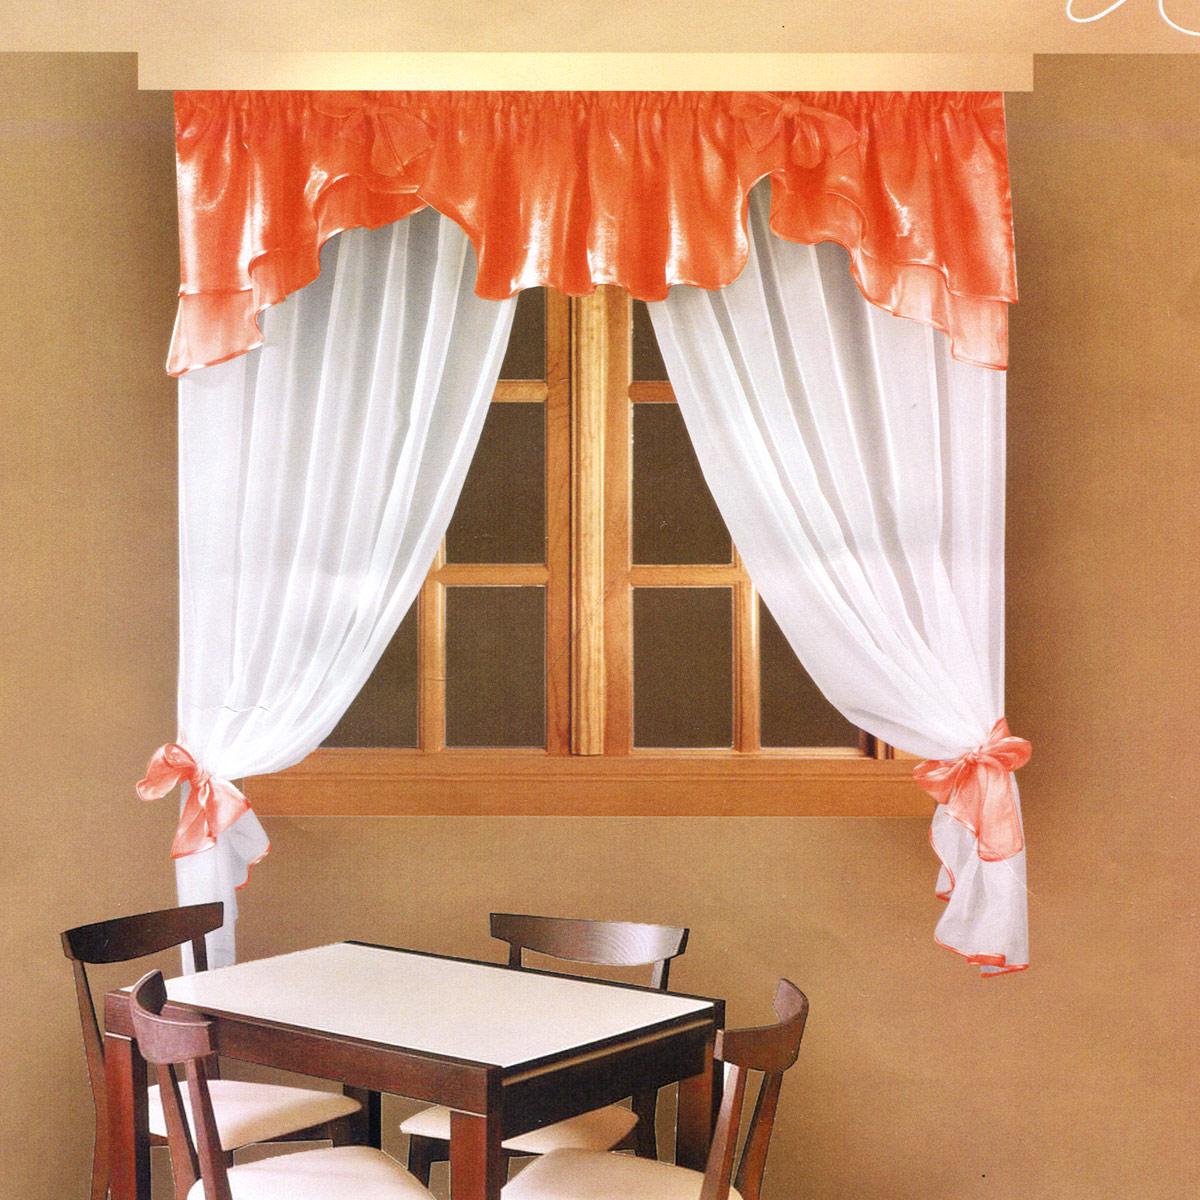 Комплект штор Zlata Korunka, на ленте, цвет: персиковый, высота 160 см. Б029S03301004Роскошный комплект штор Zlata Korunka, выполненный из полиэстера, великолепно украсит любое окно. Комплект состоит из ламбрекена и тюля. Воздушная ткань и приятная, приглушенная гамма привлекут к себе внимание и органично впишутся в интерьер помещения. Этот комплект будет долгое время радовать вас и вашу семью! Шторы крепятся на карниз при помощи ленты, которая поможет красиво и равномерно задрапировать верх. Тюль можно зафиксировать в одном положении с помощью двух подхватов, которые можно завязать в банты.